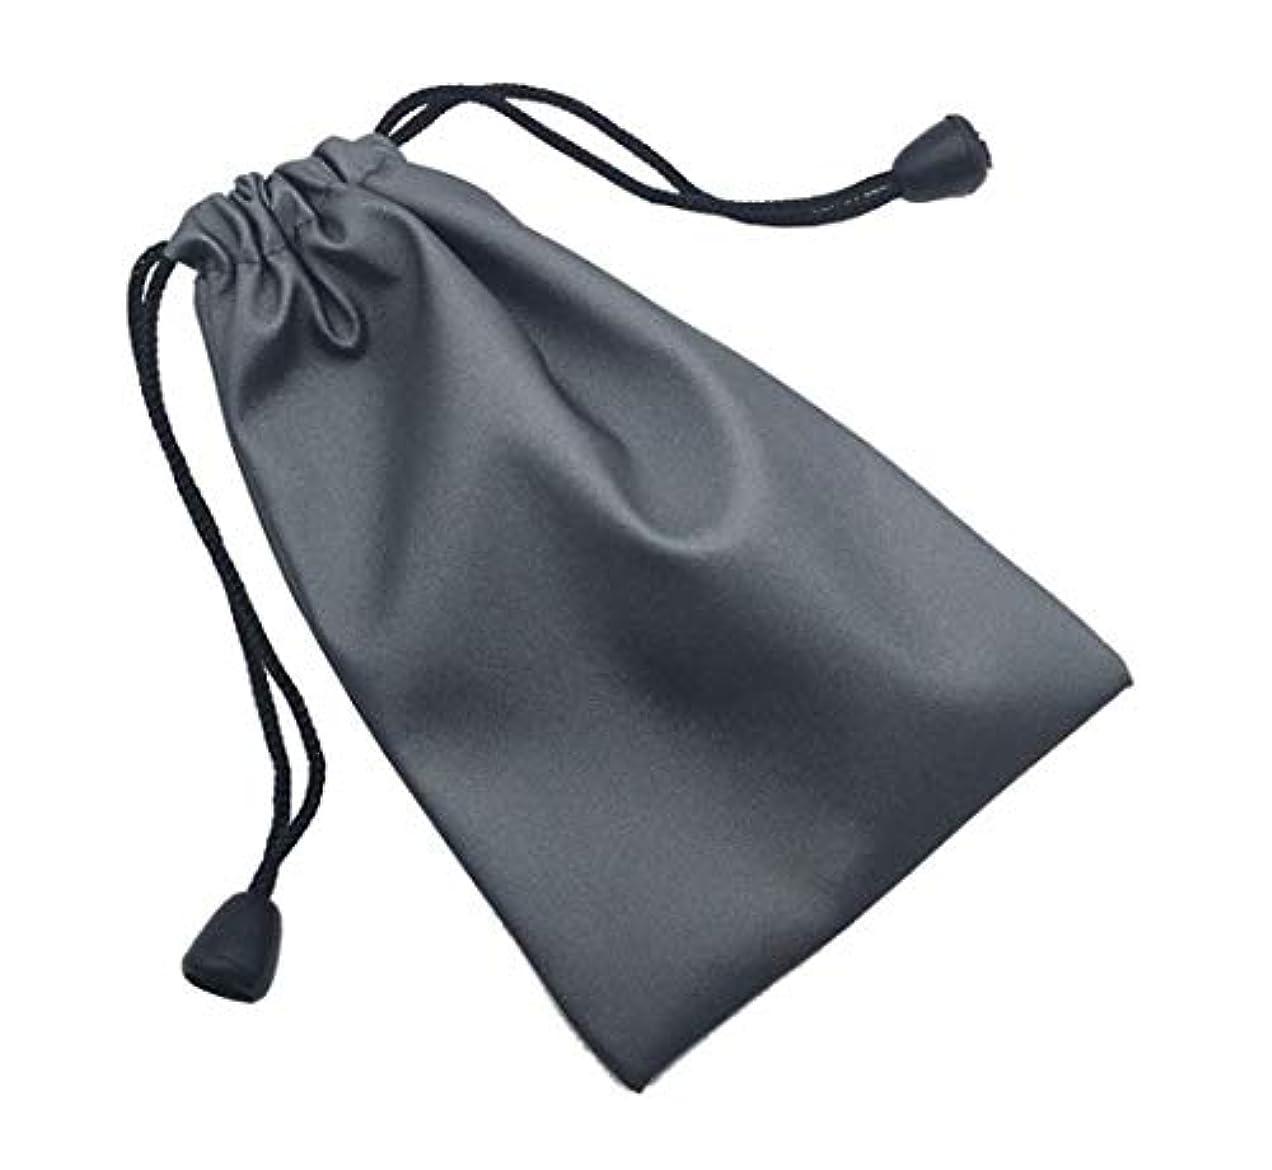 呼吸水族館偶然のストレートブラシ 収納バッグ 収納袋 マイナスイオン 30秒で急速加熱 温度調節120℃-230℃ 温度ロック 自動電源オフ